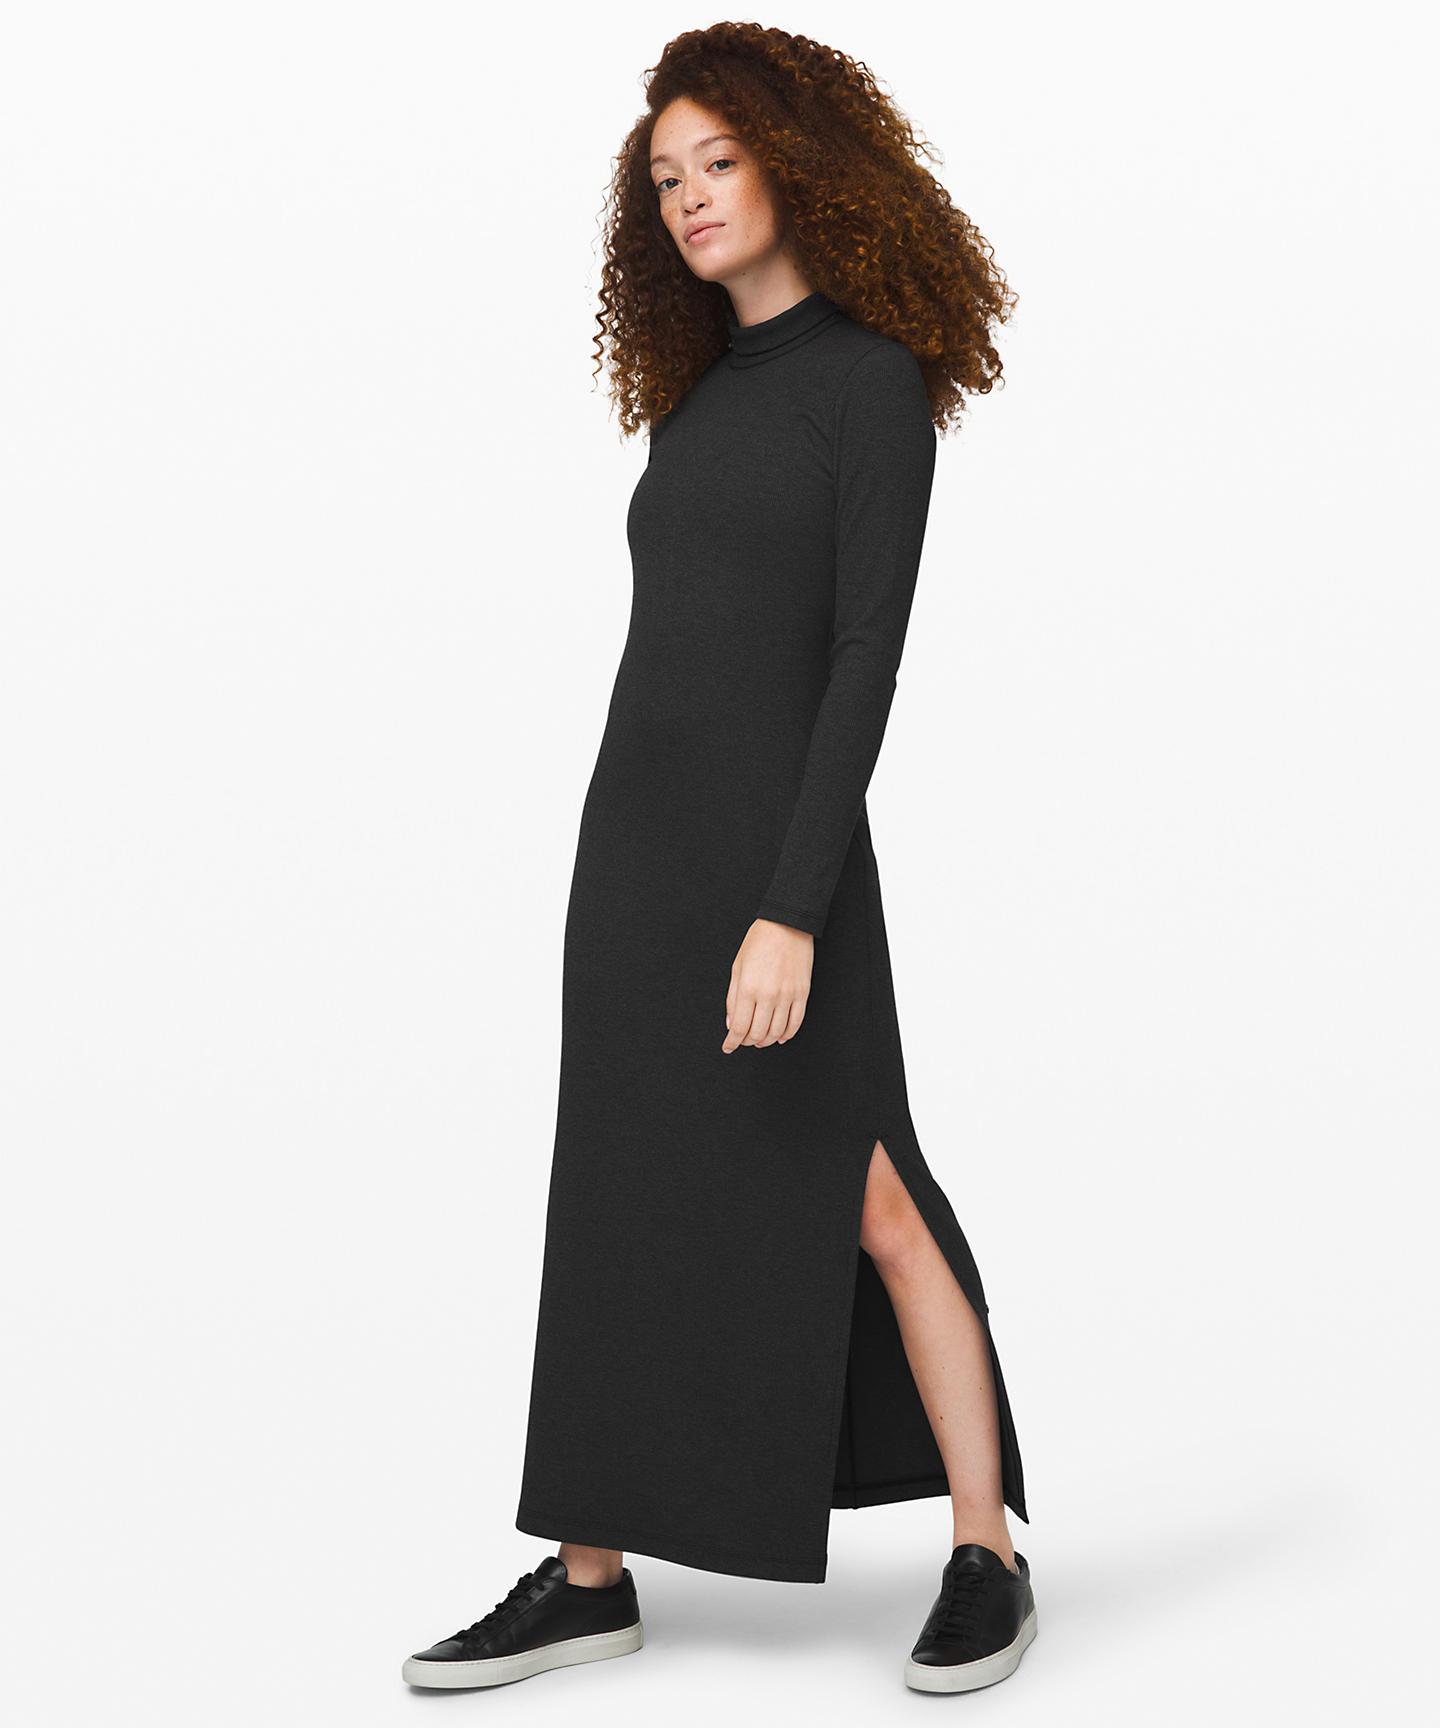 Kitsilano Turtleneck Rib Dress